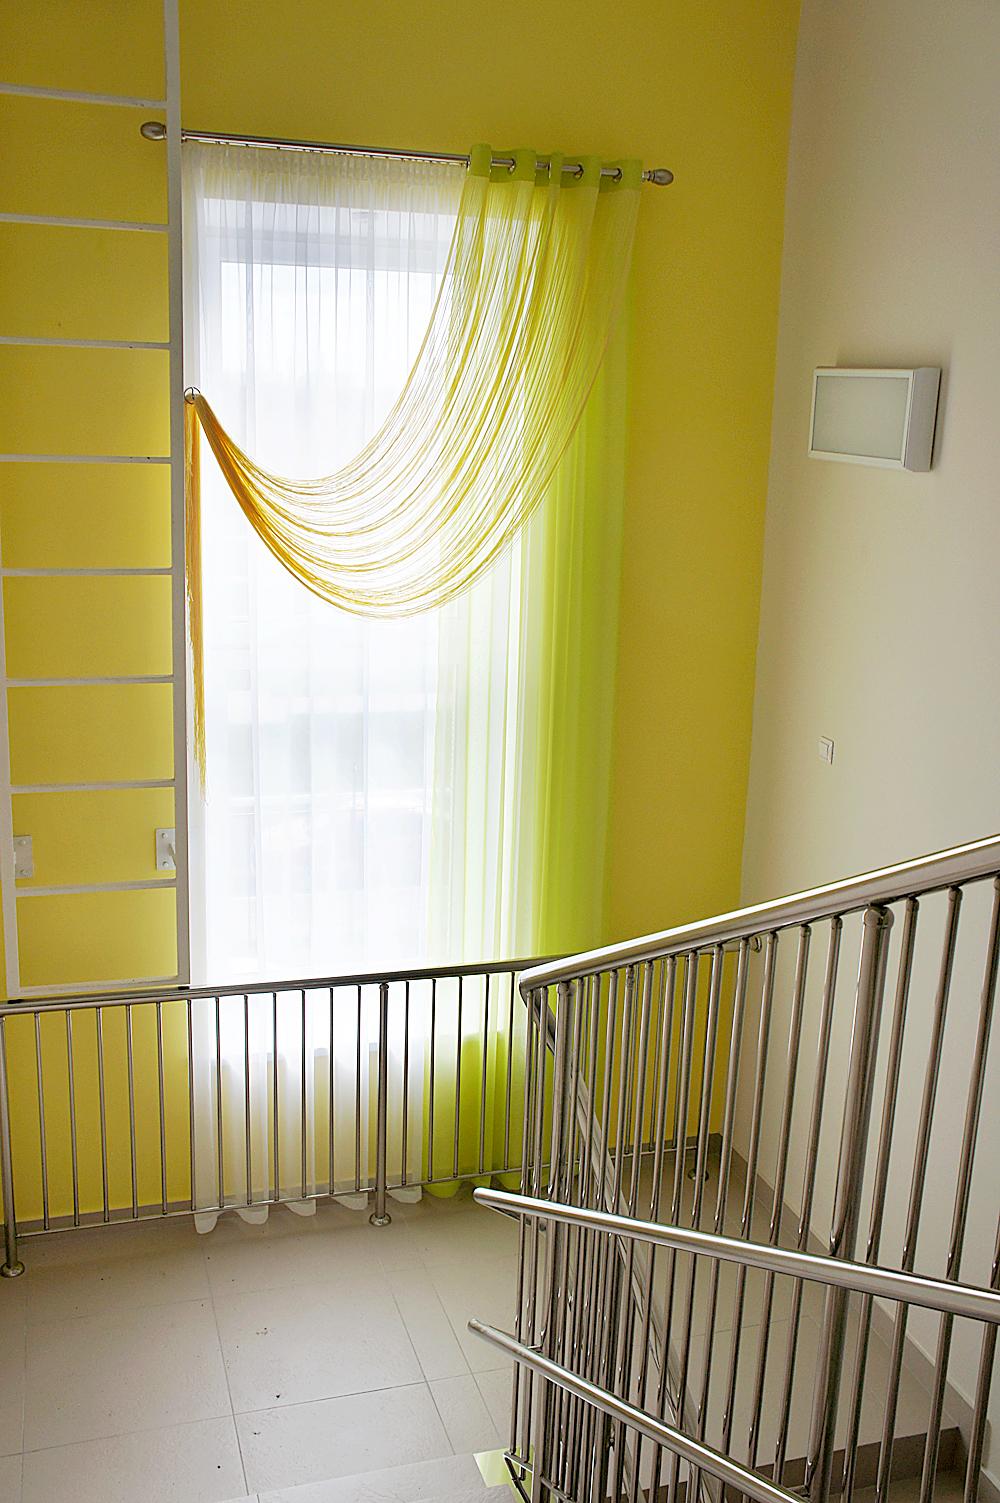 Очень большое окно на лестничной клнтке оформлено ярко-желтой кисеей на классическом настенном карнизе